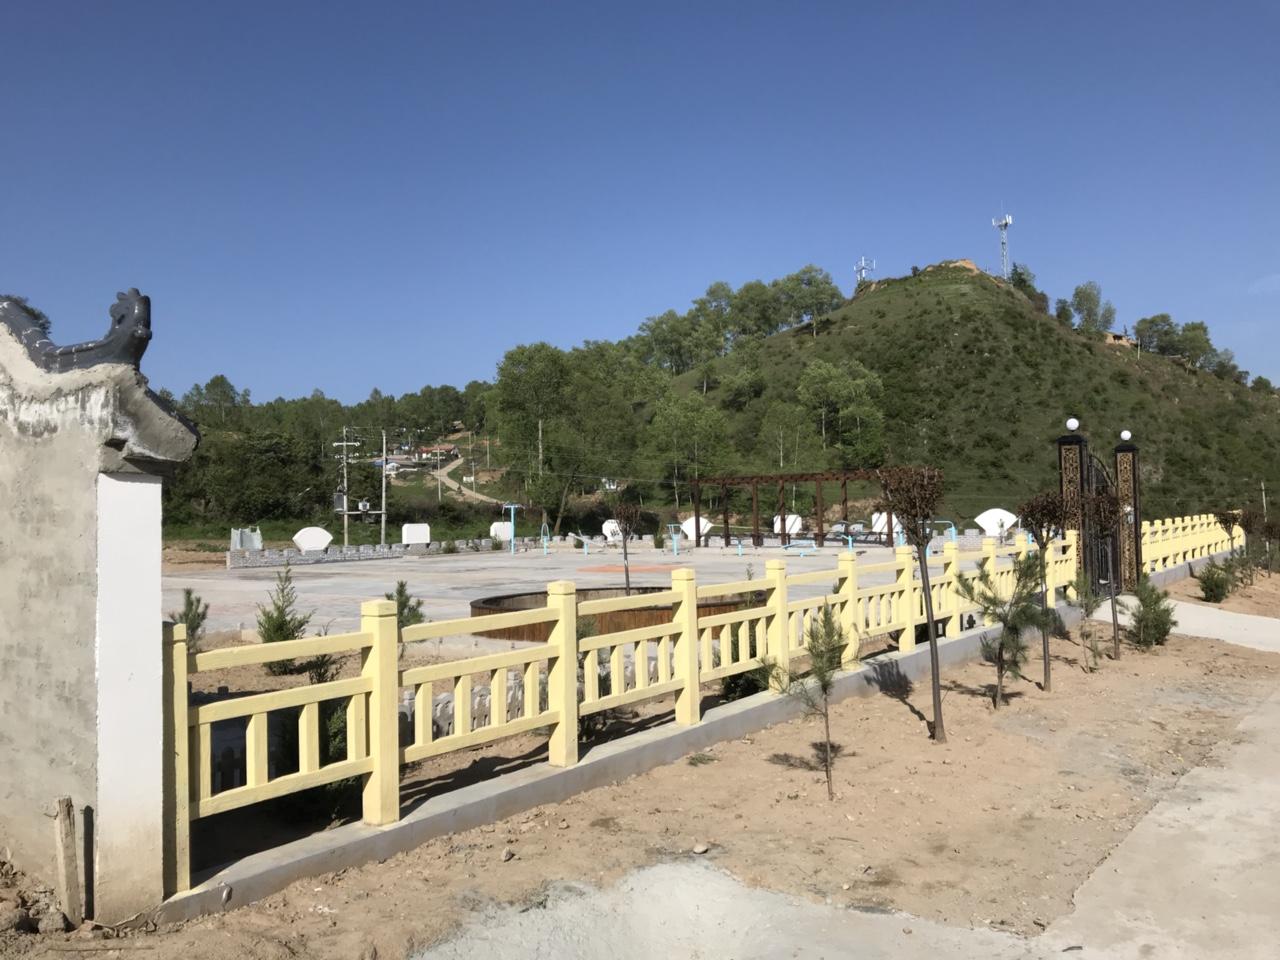 【文化惠民】马鹿镇陡崖村综合文化服务中心如关山一块碧玉